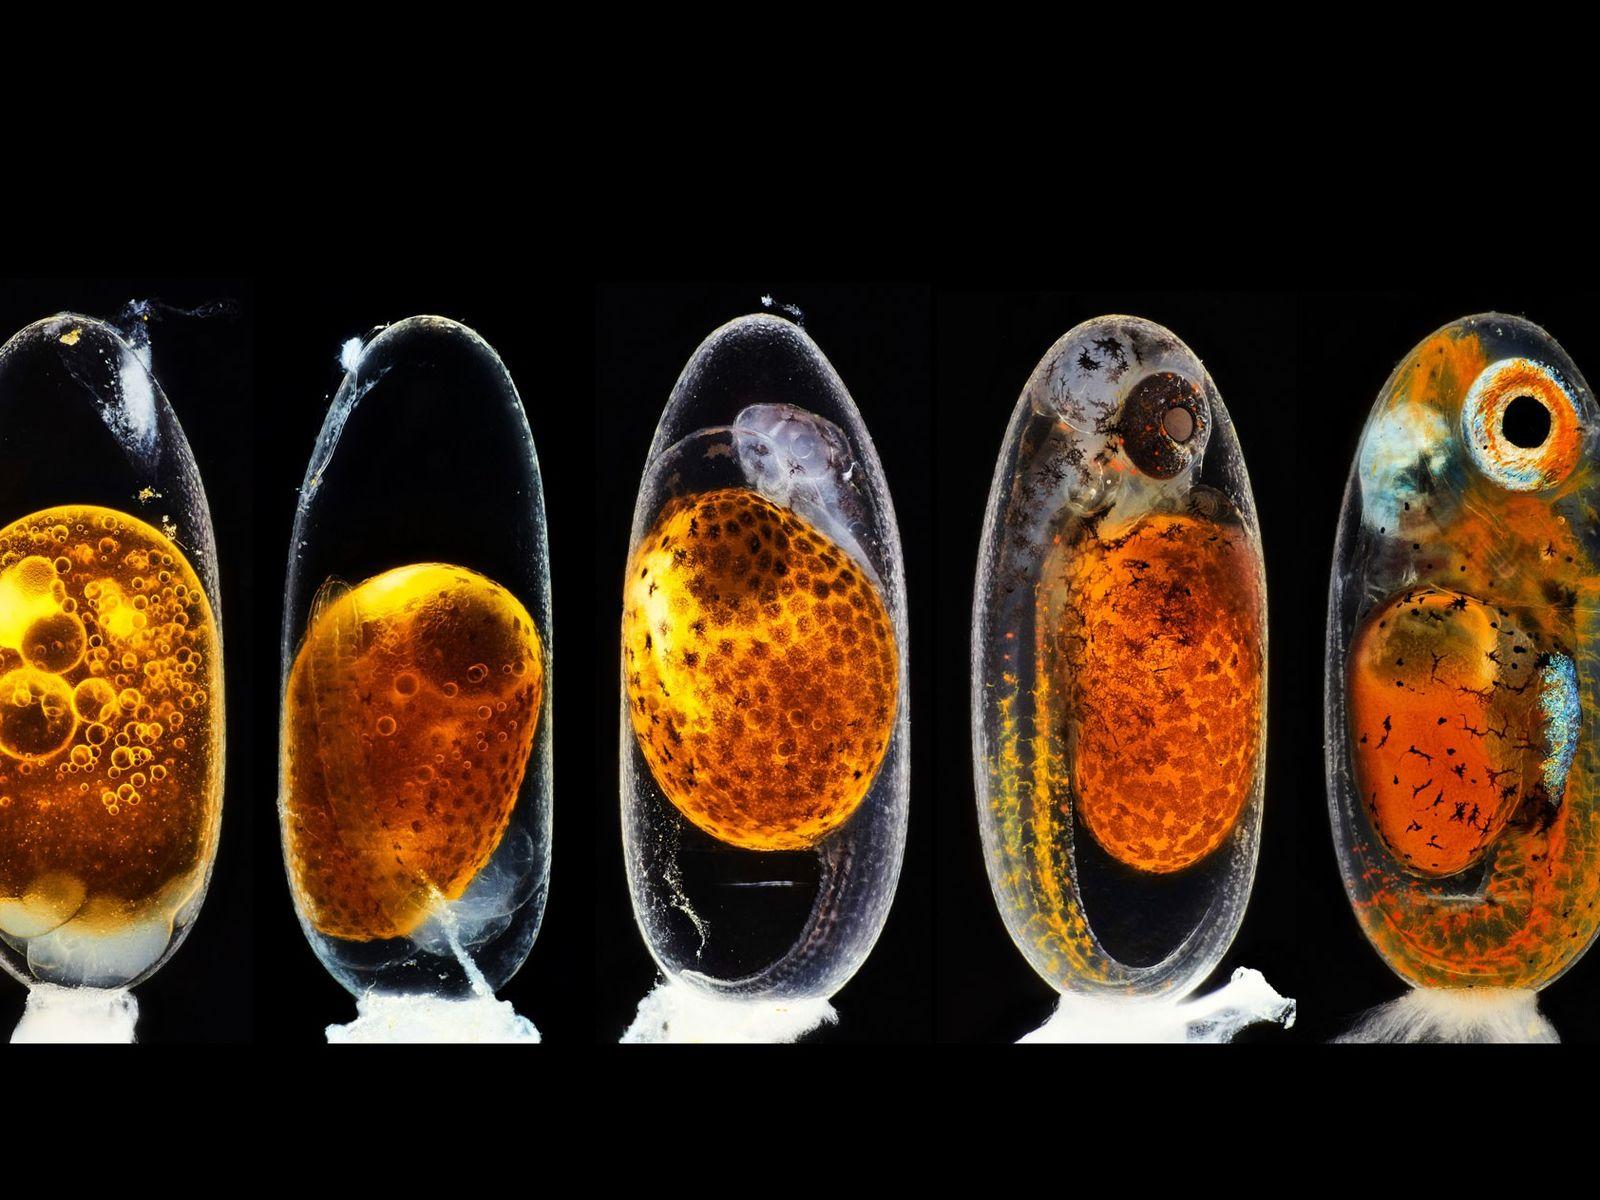 O fotógrafo alemão Daniel Knop juntou cinco imagens de um embrião de peixe-palhaço para ilustrar os ...